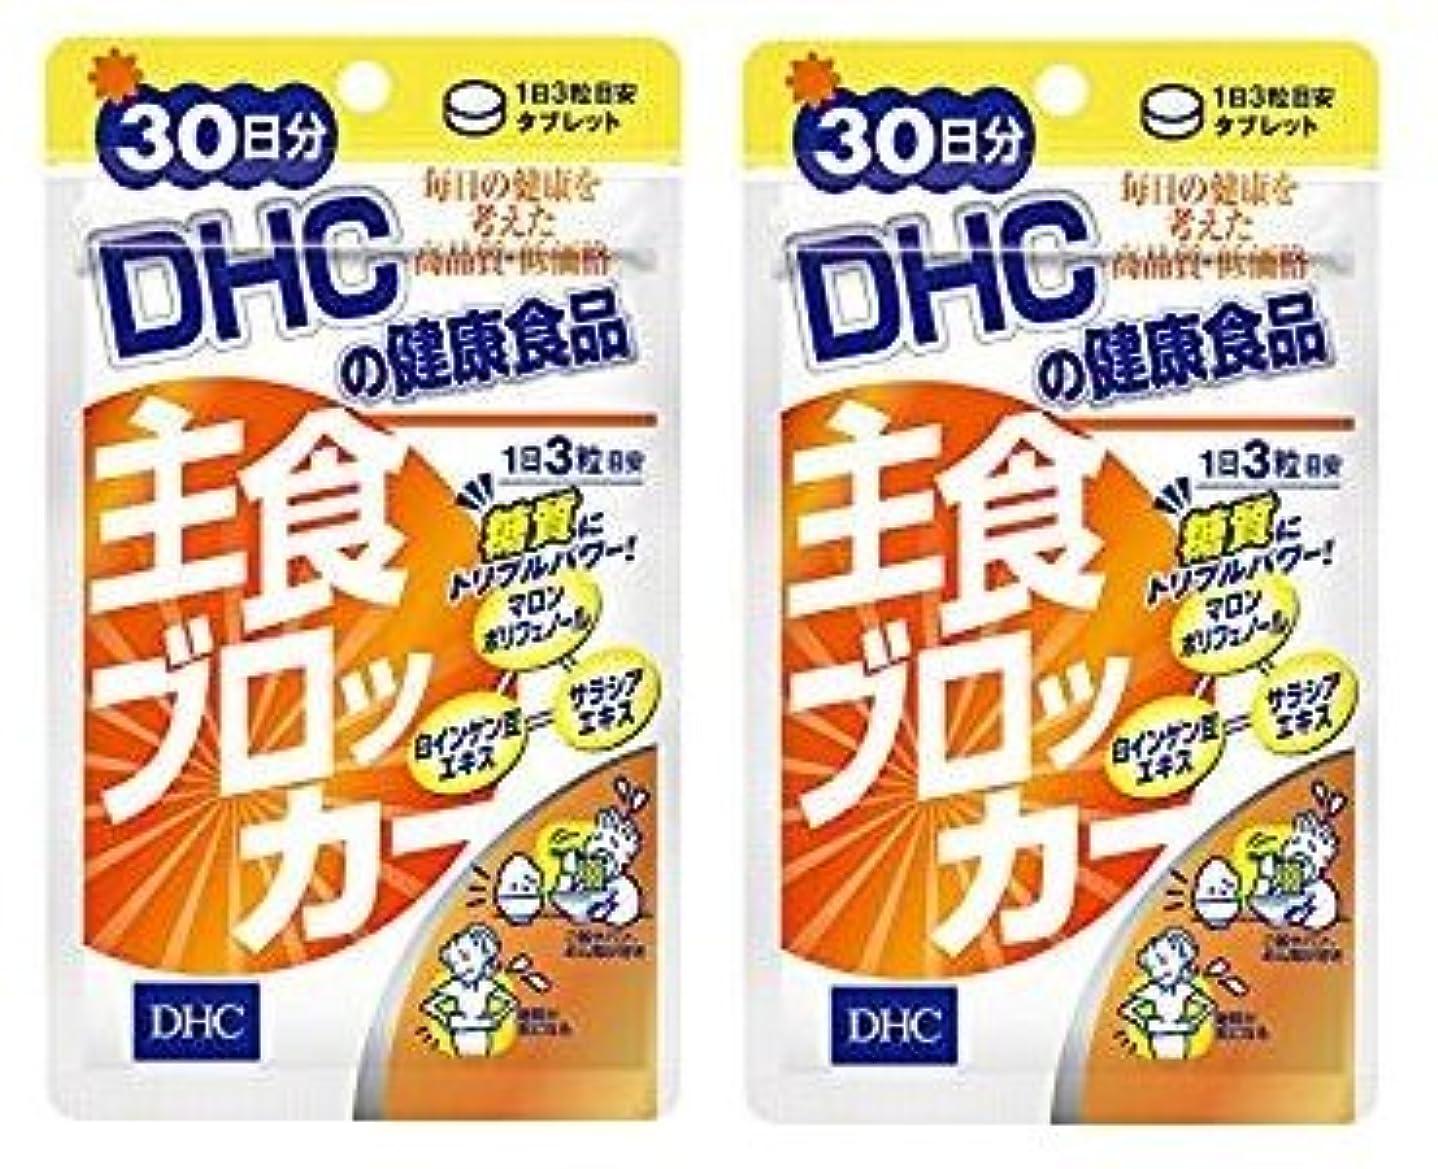 捕虜アンテナシーズン【2個セット】DHC 主食ブロッカー 30日分